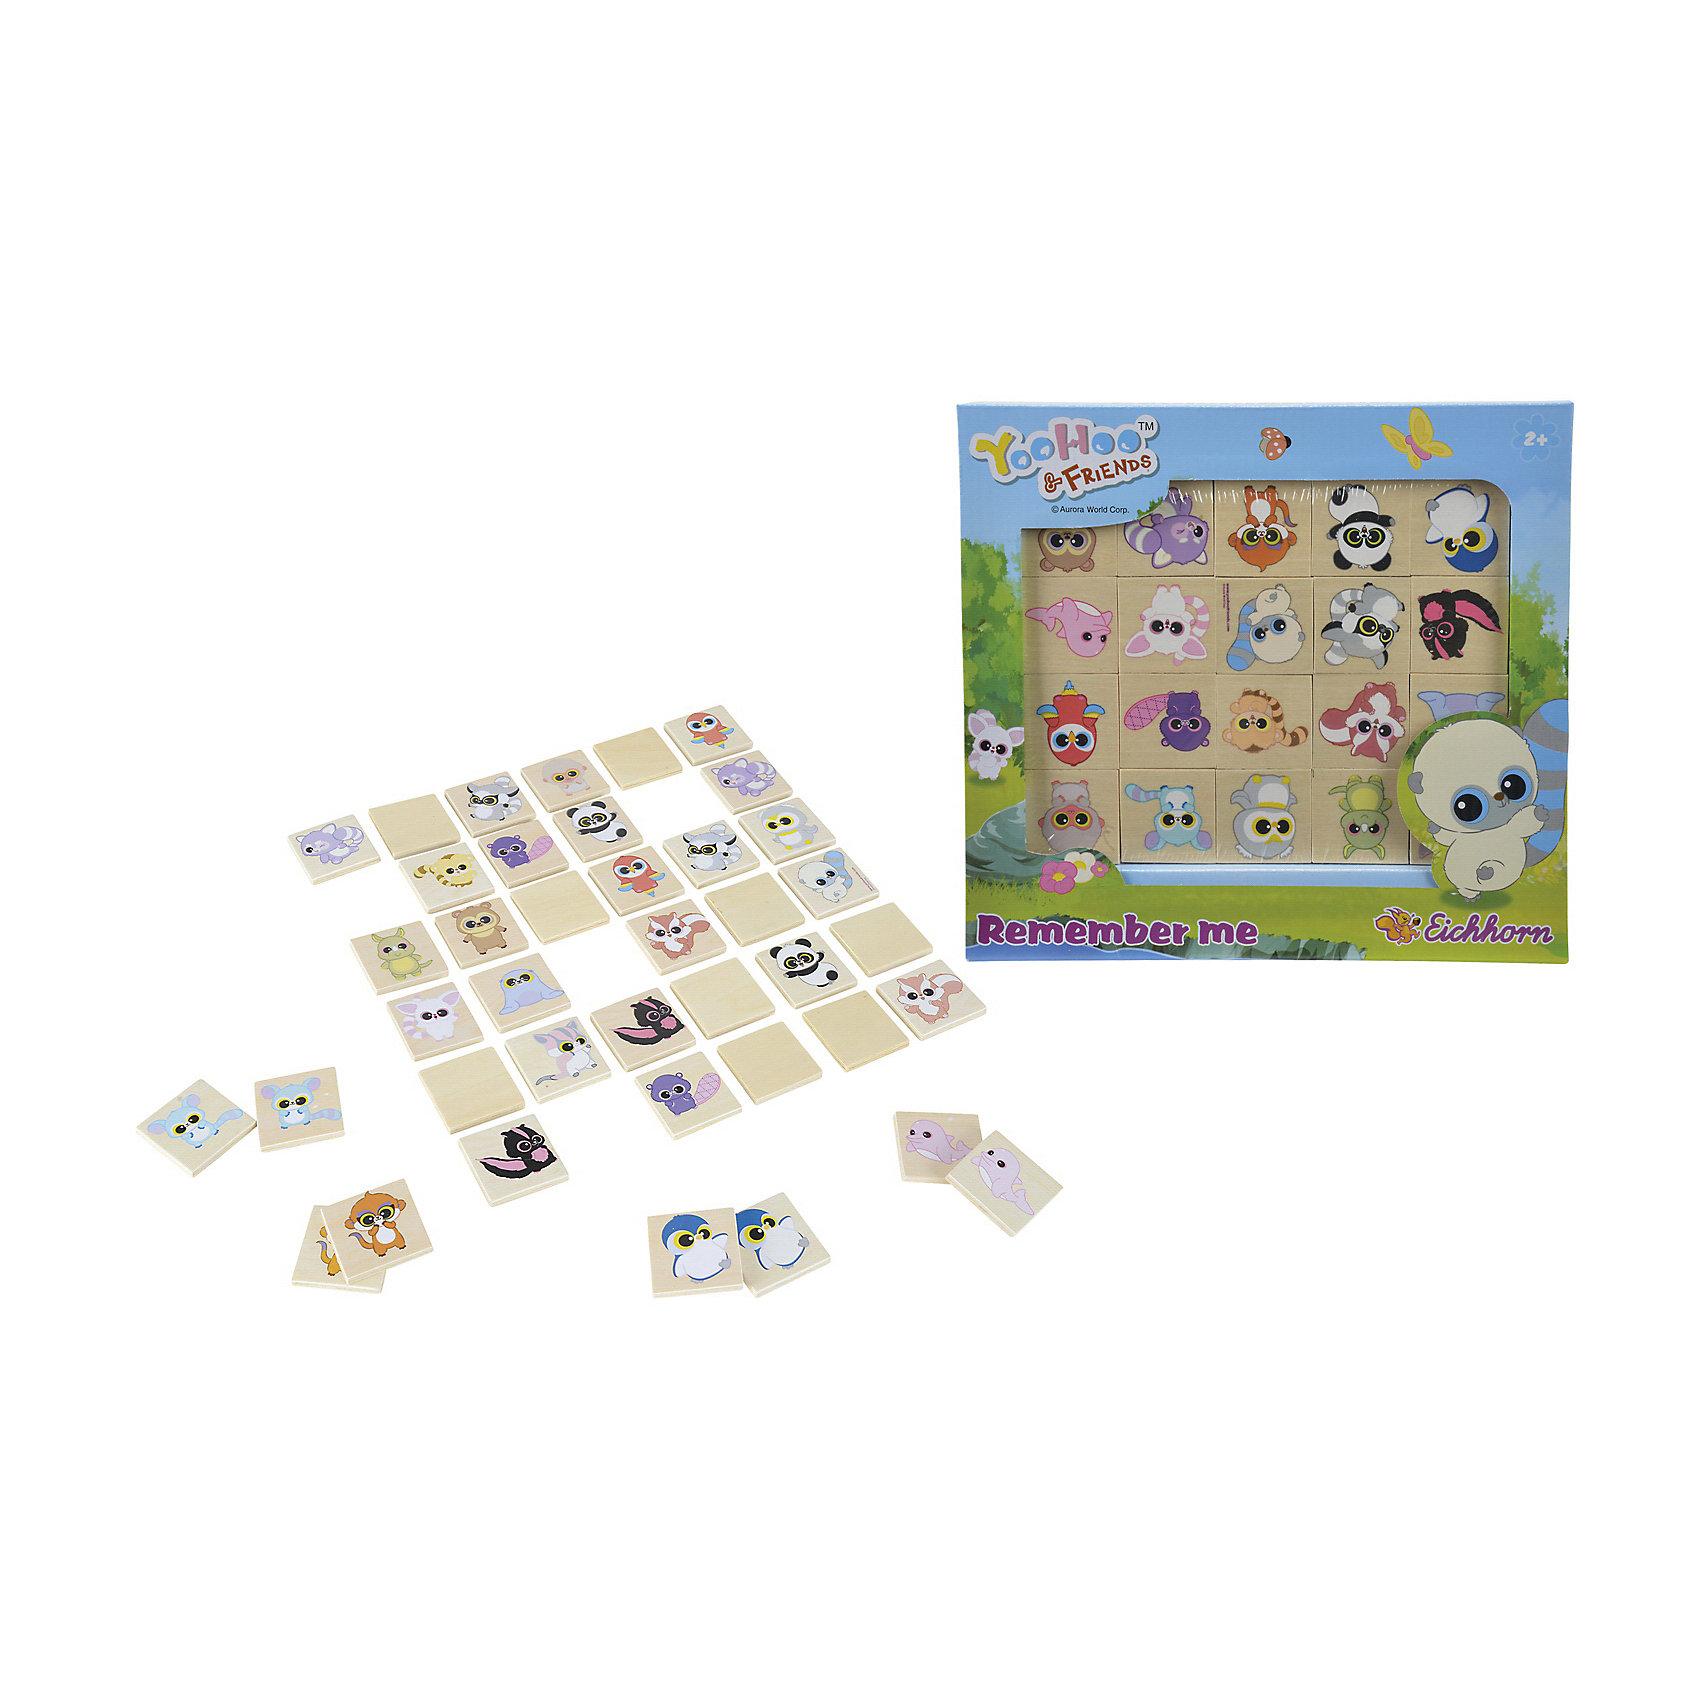 Мемори, Юху и его друзья, EichhornМемори, Юху и его друзья, Eichhorn (Айхгорн) – это увлекательная игра для поклонников мультсериала про приключения Юху и его компании.<br>Игра «Мемори» - это игра на запоминание. Игроку необходимо найти среди разложенных карточек парные изображения, которые изъять из игрового поля. Для ознакомления ребенка с игрой можно использовать 4 карточки, для начального уровня - 6 карточек и далее по возрастанию. Все карточки перемешиваются и кладутся картинками вниз. Ребенок открывает по одной картинке следующим образом: открыли картинку, затем следующую - если они не одинаковые, обе закрываем. В процессе игры ребенок запоминает, где какая картинка лежит. Игра поможет развить у Вашего малыша мелкую моторику, абстрактное и образное мышление, логику, память. Все карточки с изображением Юху и его друзей изготовлены из высококачественной древесины и обладают сглаженными углами, что обеспечит дополнительную безопасность вашего малыша.<br><br>Дополнительная информация:<br><br>- В наборе: 40 карточек<br>- Количество игроков: от 2 и более<br>- Материал: древесина<br>- Размер карточки: 4х4 см.<br>- Размер упаковки: 29х3х29 см.<br>- Вес: 410 г.<br><br>Мемори, Юху и его друзья, Eichhorn (Айхгорн) можно купить в нашем интернет-магазине.<br><br>Ширина мм: 290<br>Глубина мм: 30<br>Высота мм: 290<br>Вес г: 410<br>Возраст от месяцев: 24<br>Возраст до месяцев: 72<br>Пол: Унисекс<br>Возраст: Детский<br>SKU: 4128901